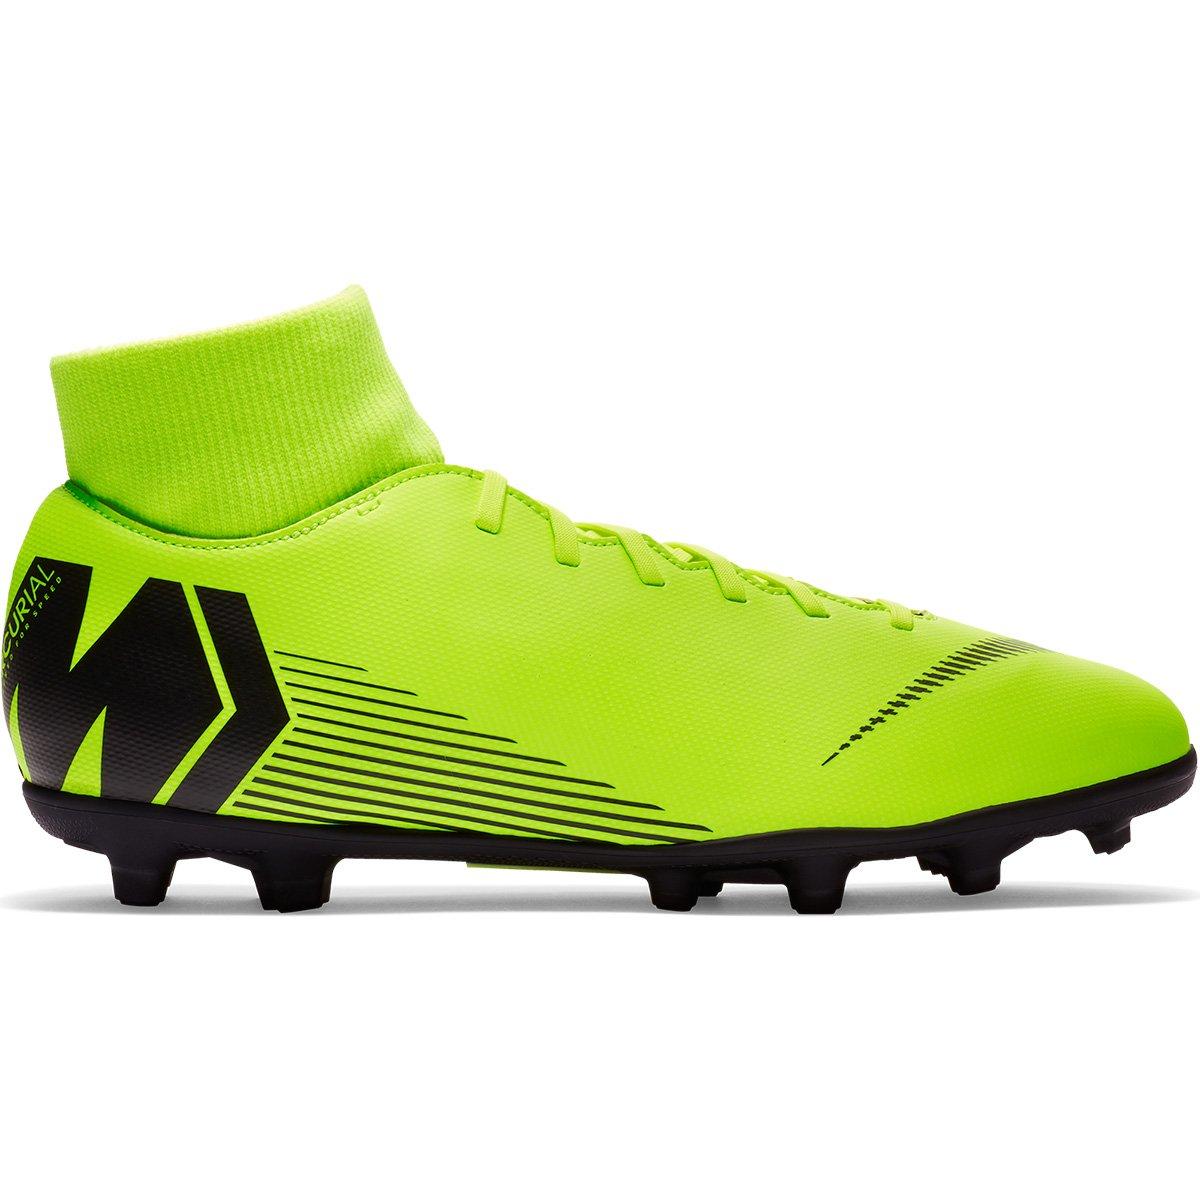 24d3a96594 Chuteira Campo Nike Mercurial Superfly 6 Club AH7363-701 Verde Limão Preto